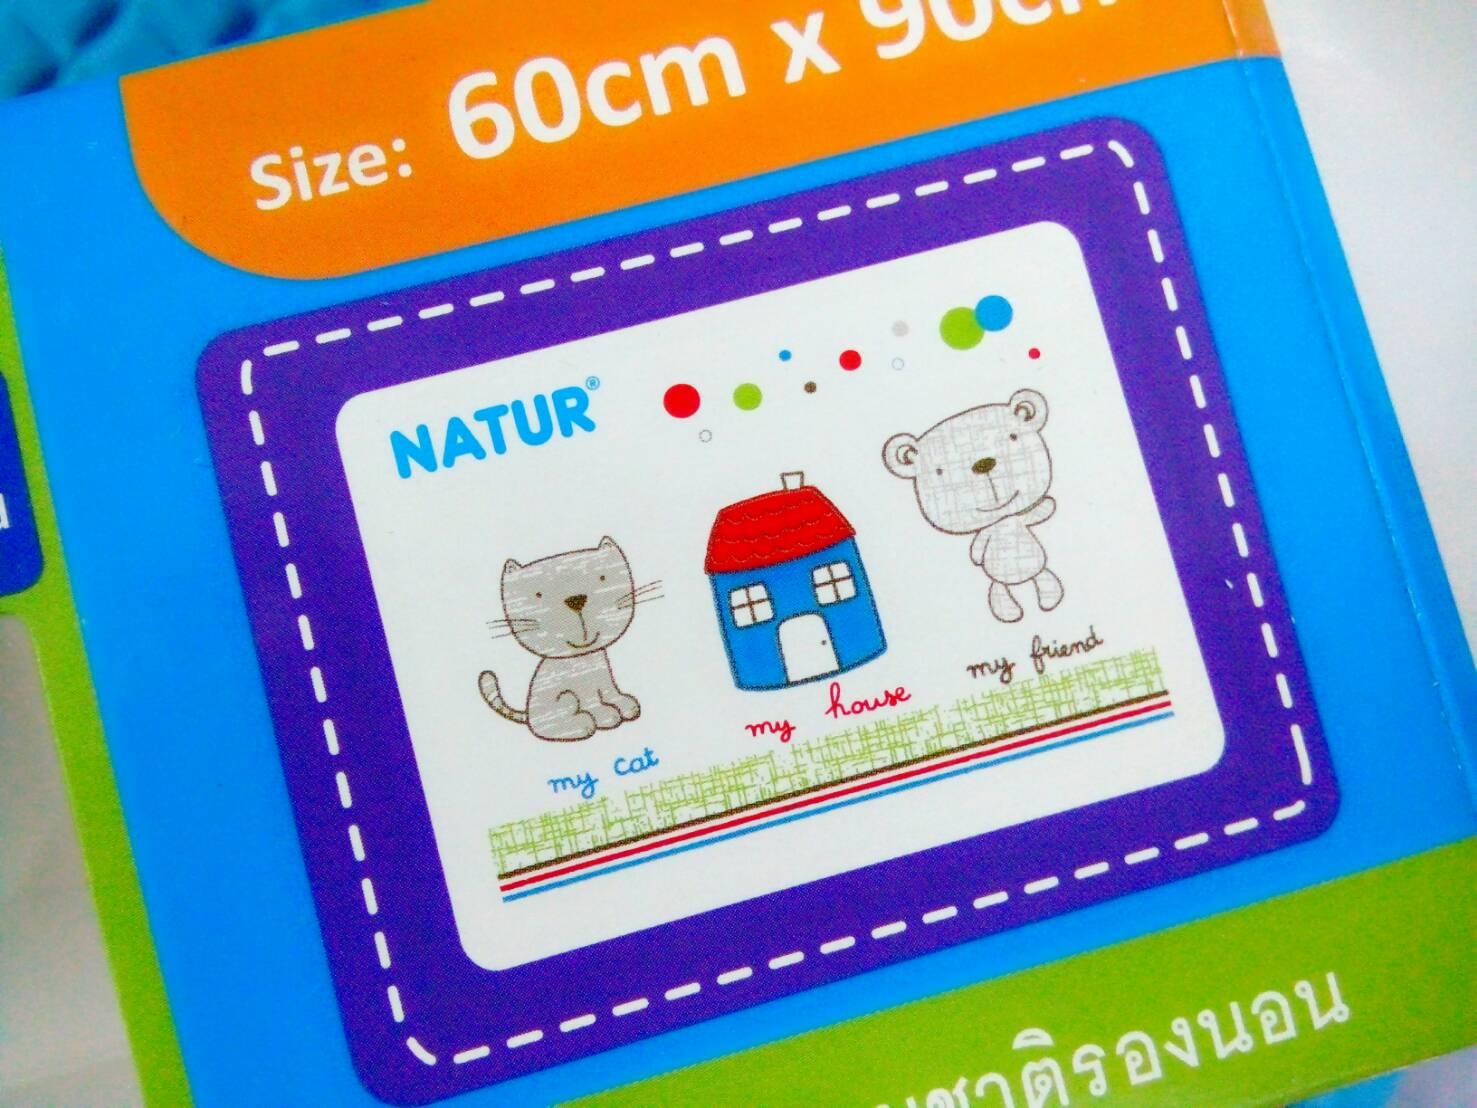 แผ่นยางธรรมชาติรองนอนเด็ก Natur รุ่นมีปุ่มอัดอากาศ ขนาด 60 x 90 cm